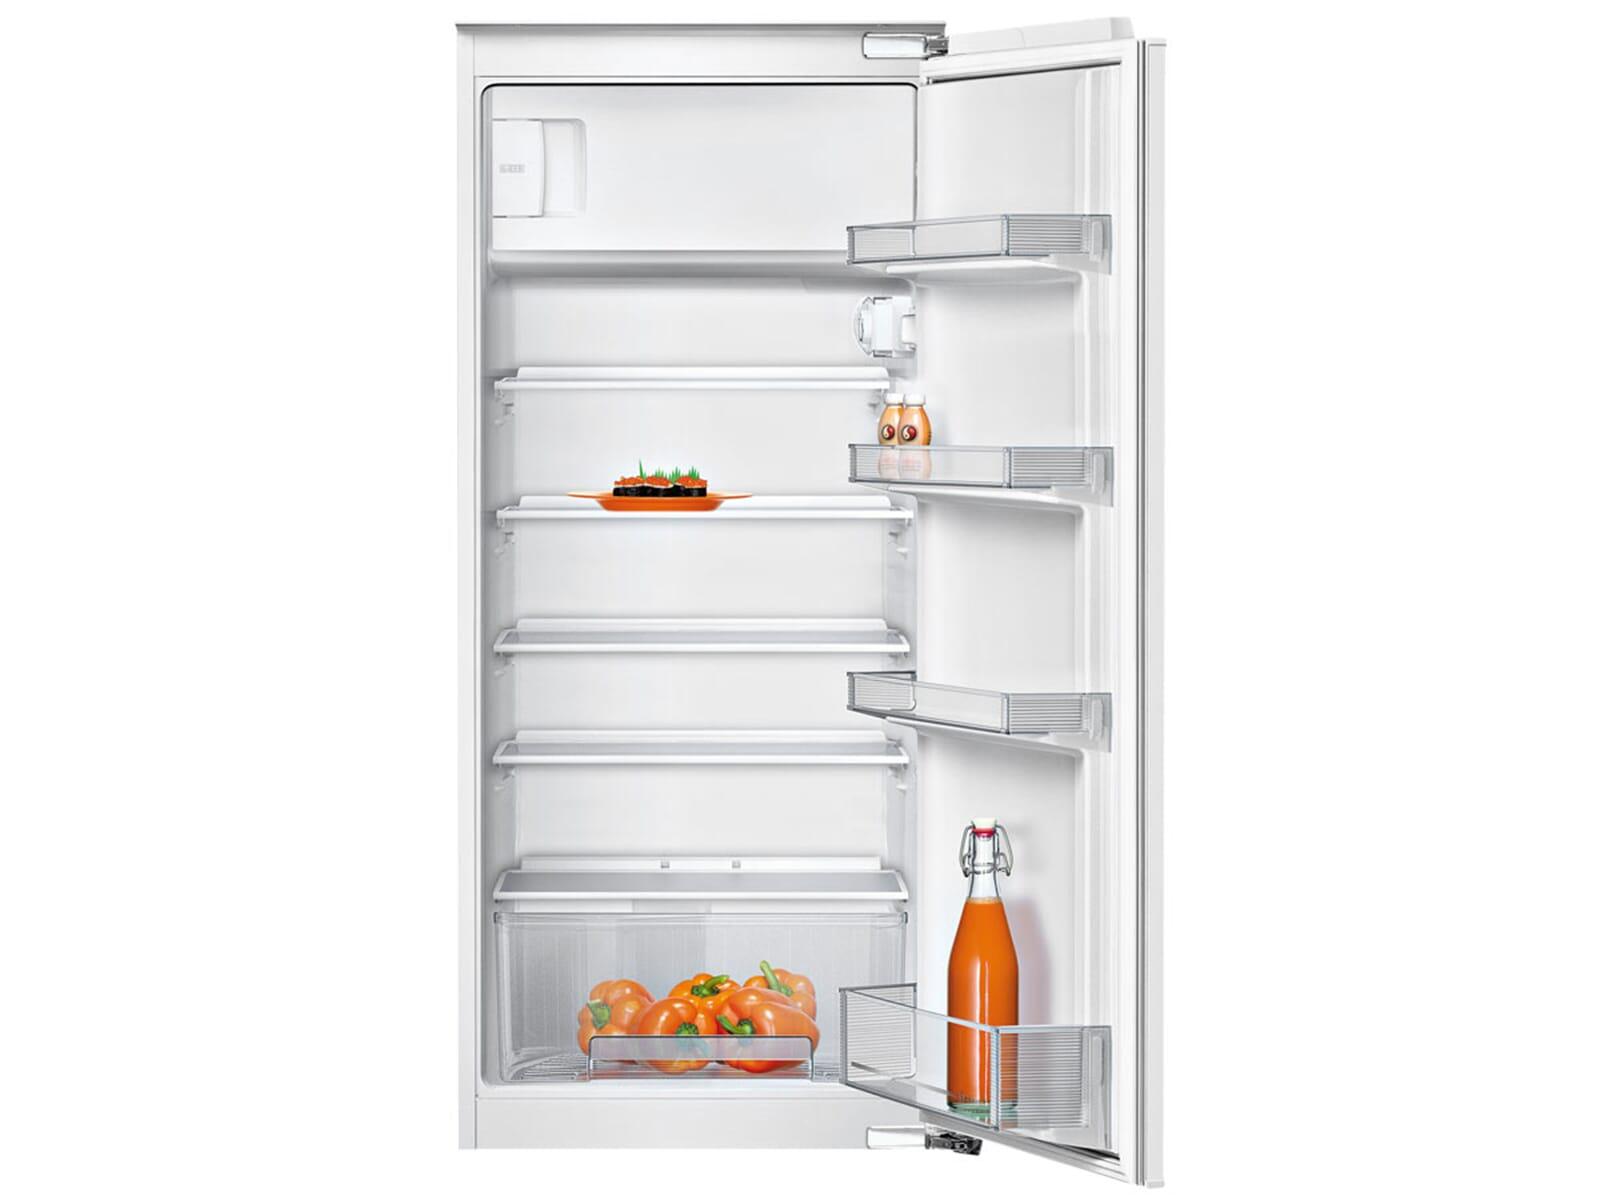 Neff einbau kuhlschrank gefrierfach kl425a k1555x8 123cm for Kühlschrank einbauf hig ohne gefrierfach